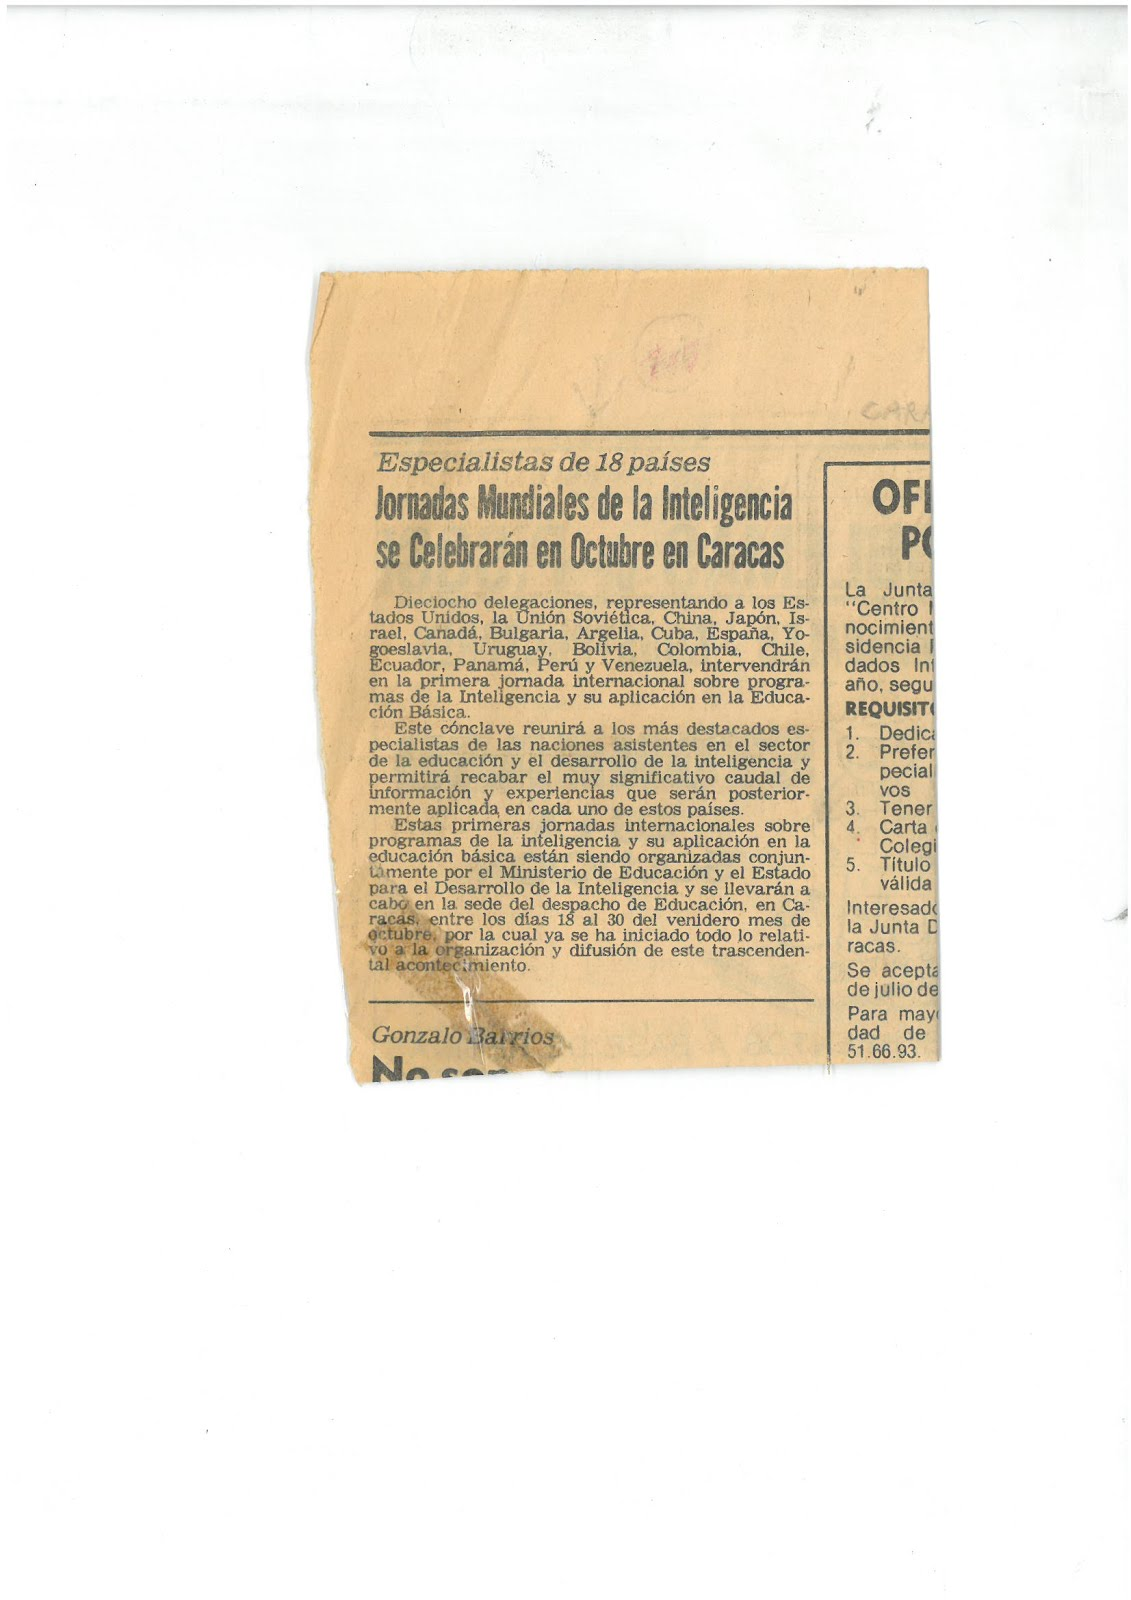 15- Periódico El Universal,18/07/1982 anunciando que vienen 18 delegaciones de científicos (de EEUU